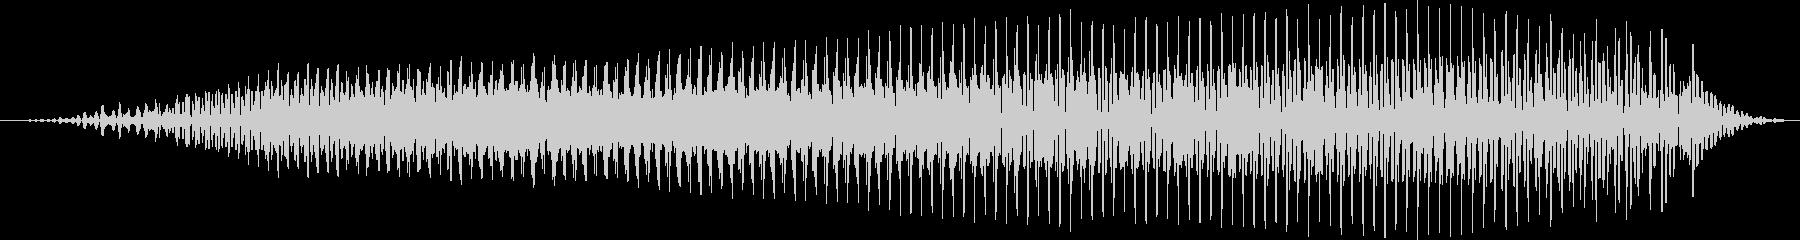 ラクダのうめき声。シングルショート...の未再生の波形